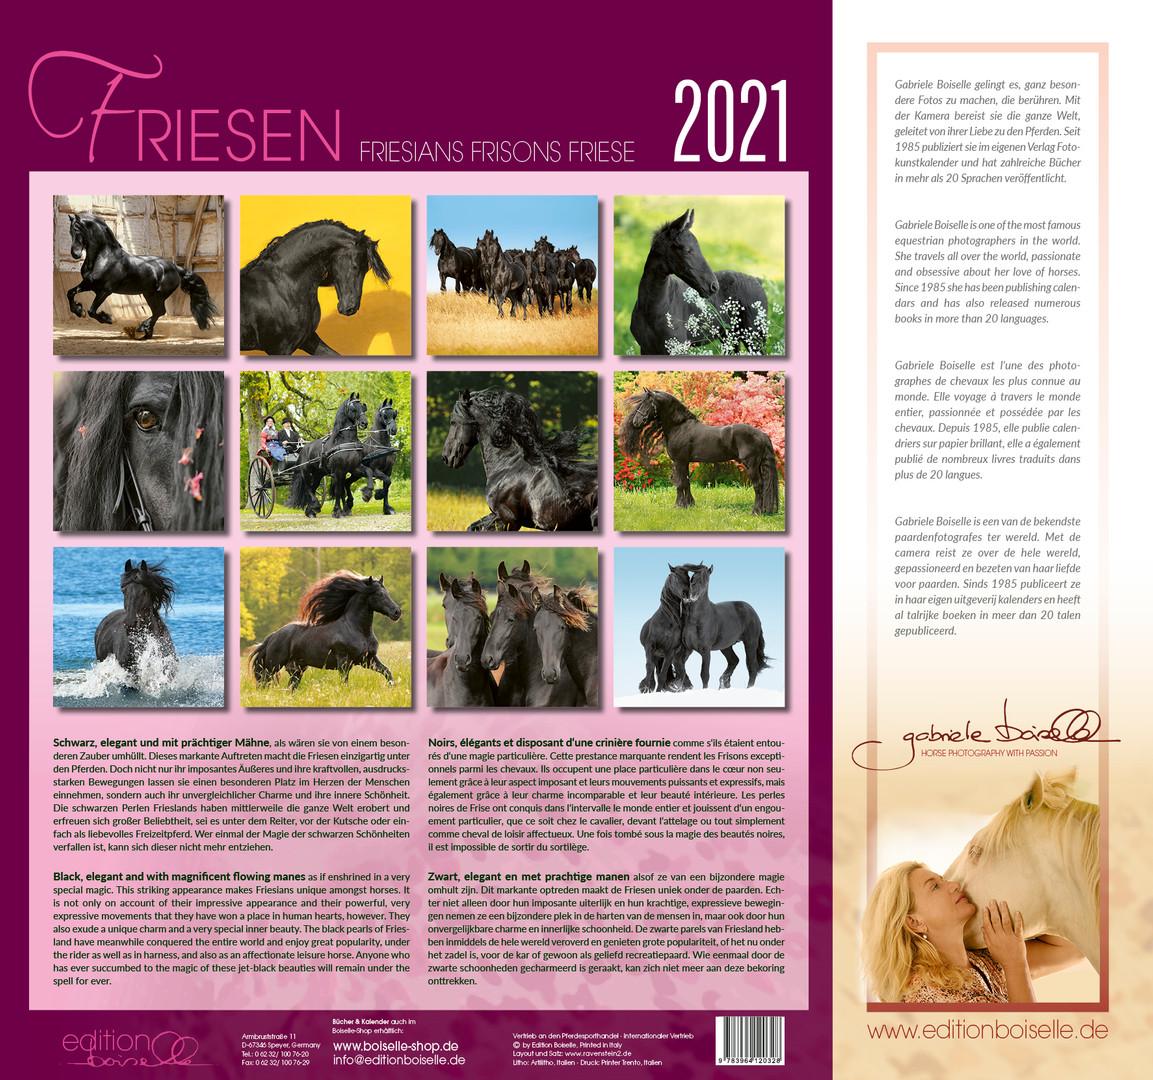 FRIESEN-2021_28.jpg